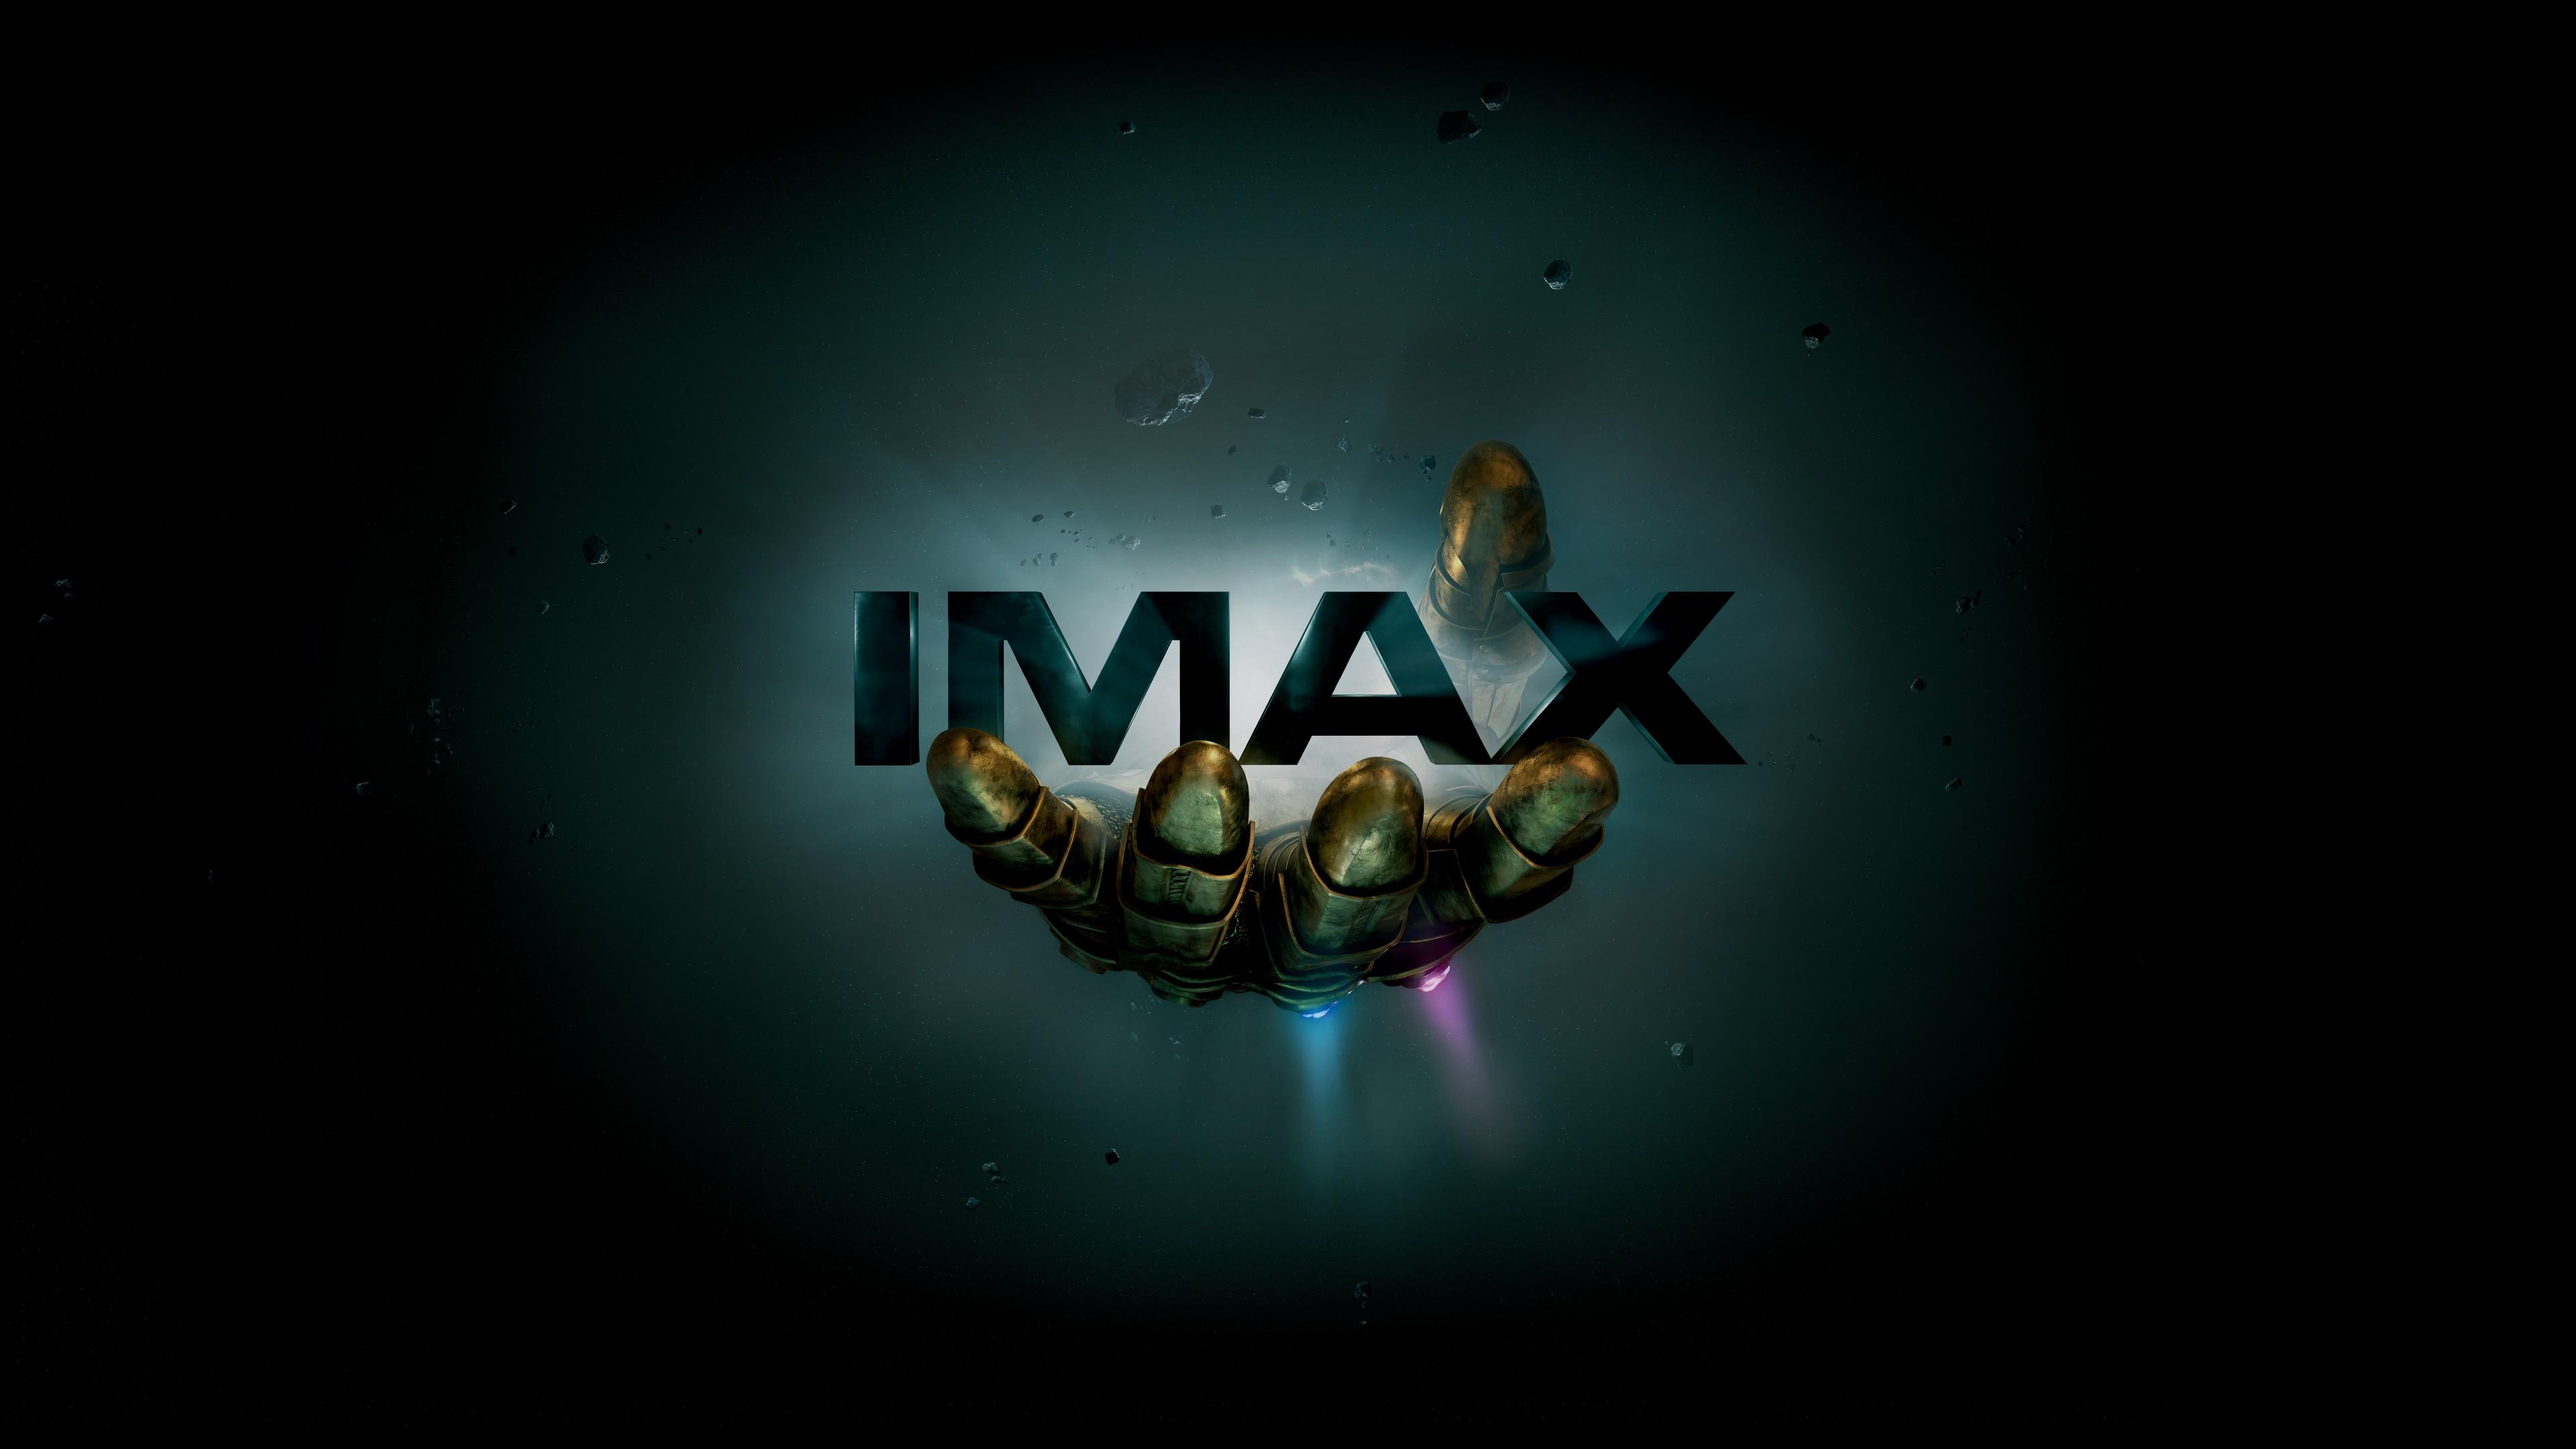 Реклама кино-технологий на черном фоне с неоновой подсветкой